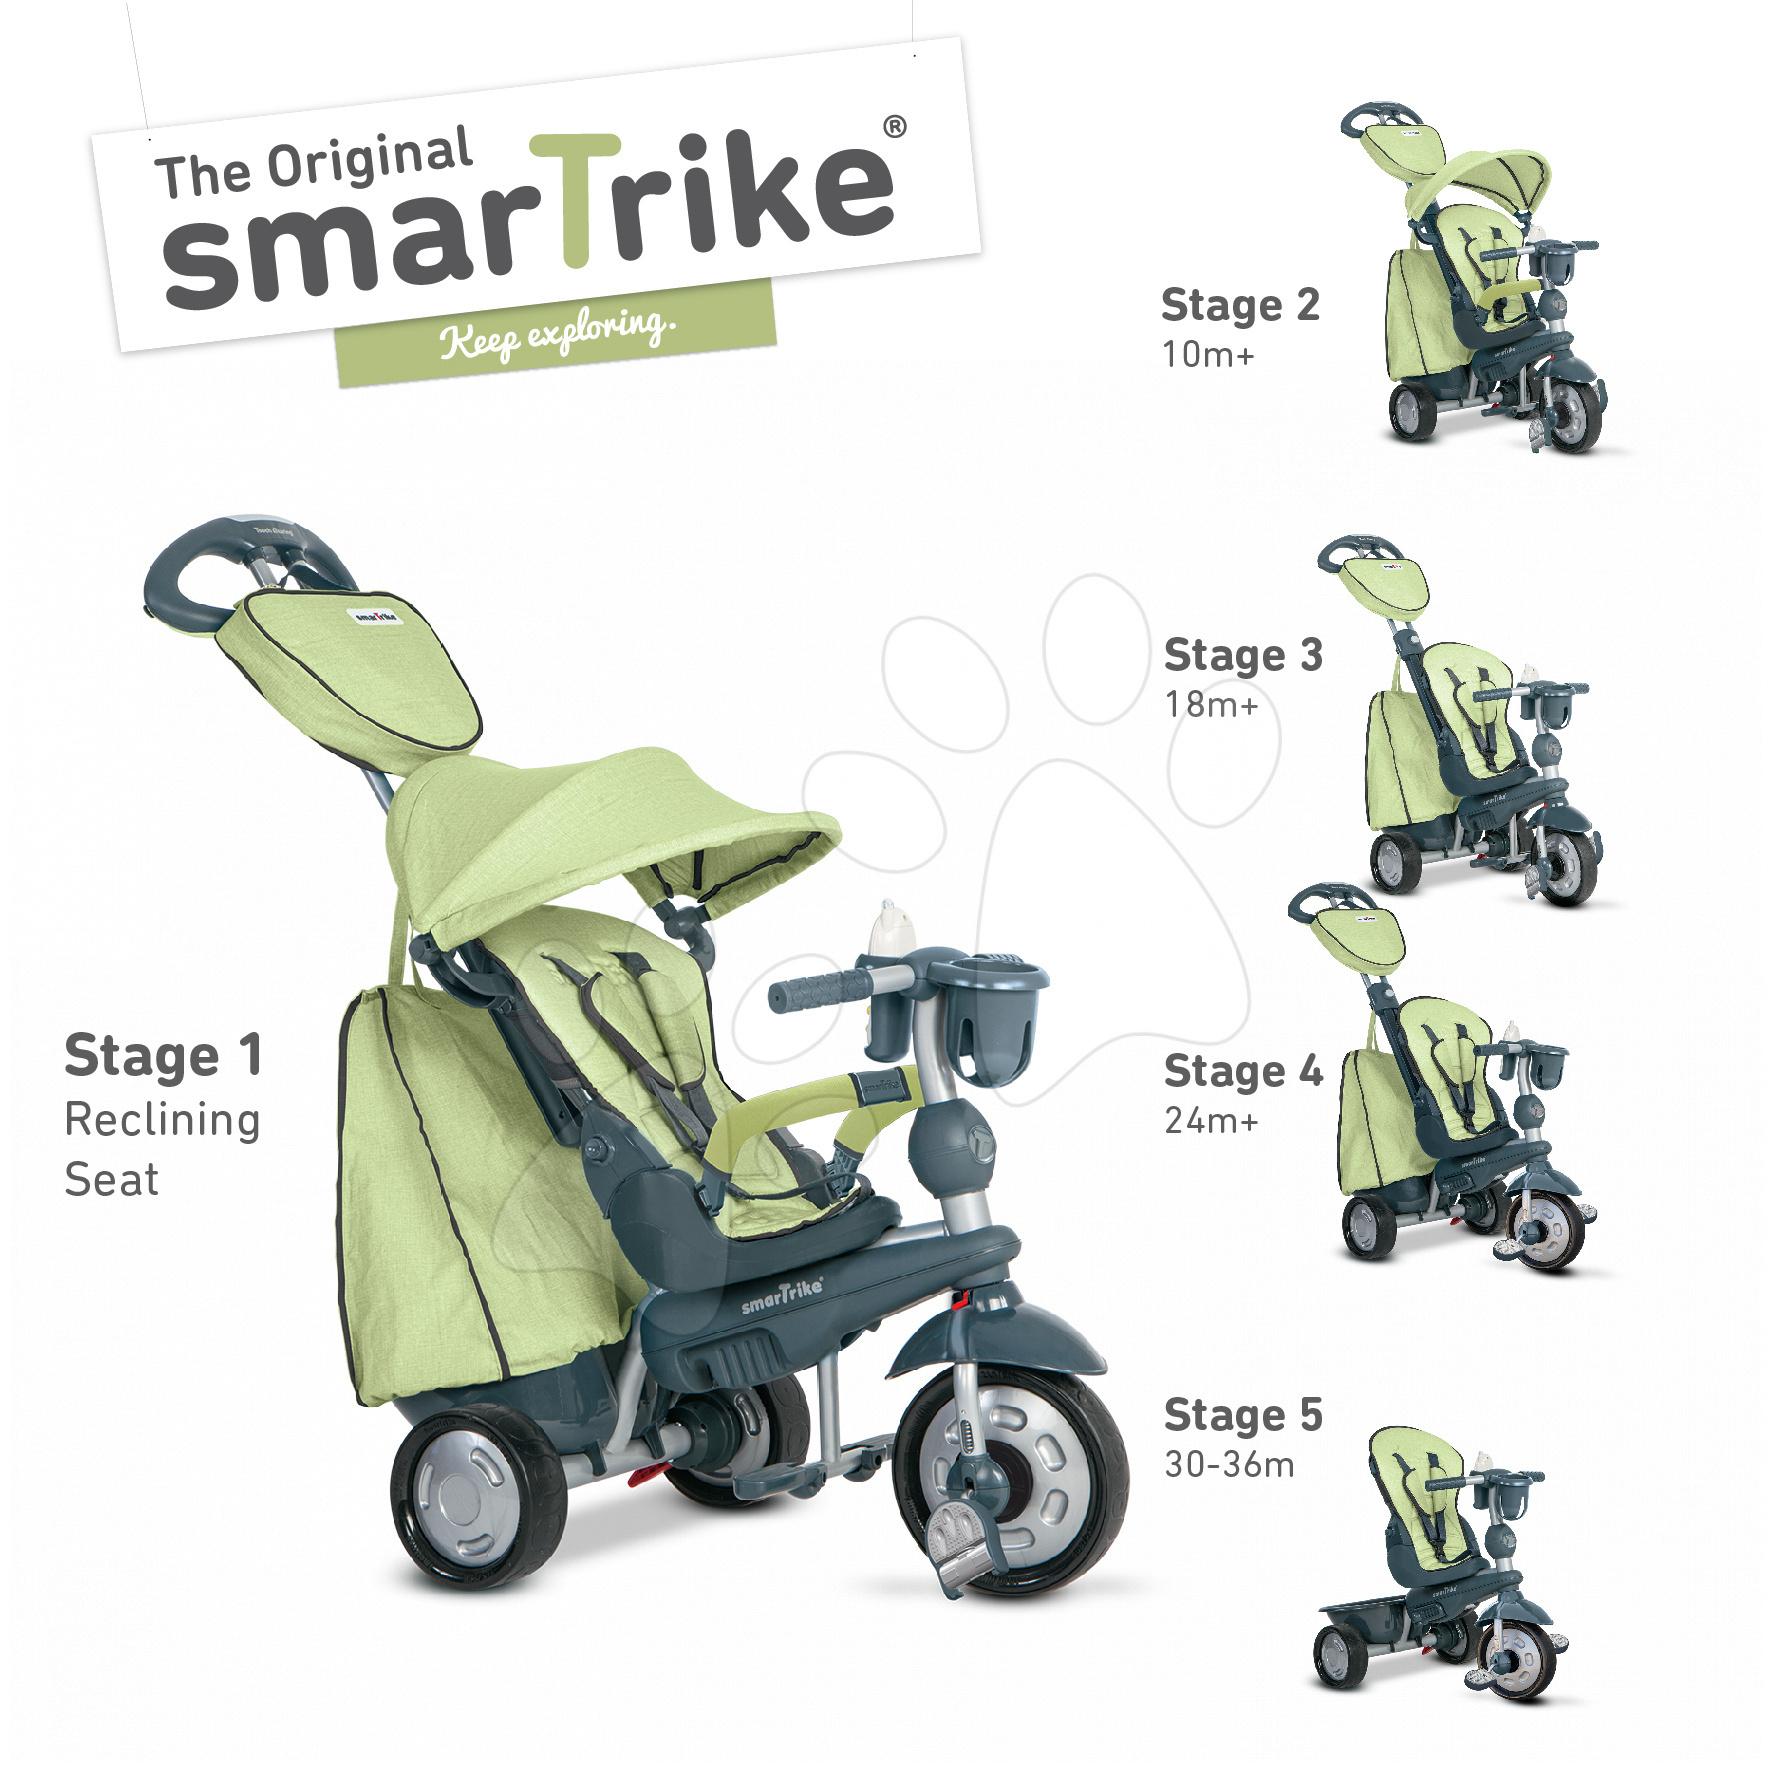 Dětská tříkolka Explorer Green 5v1 smarTrike 360° řízení s polohovatelným sedákem od 10 měsíců šedo-zelená